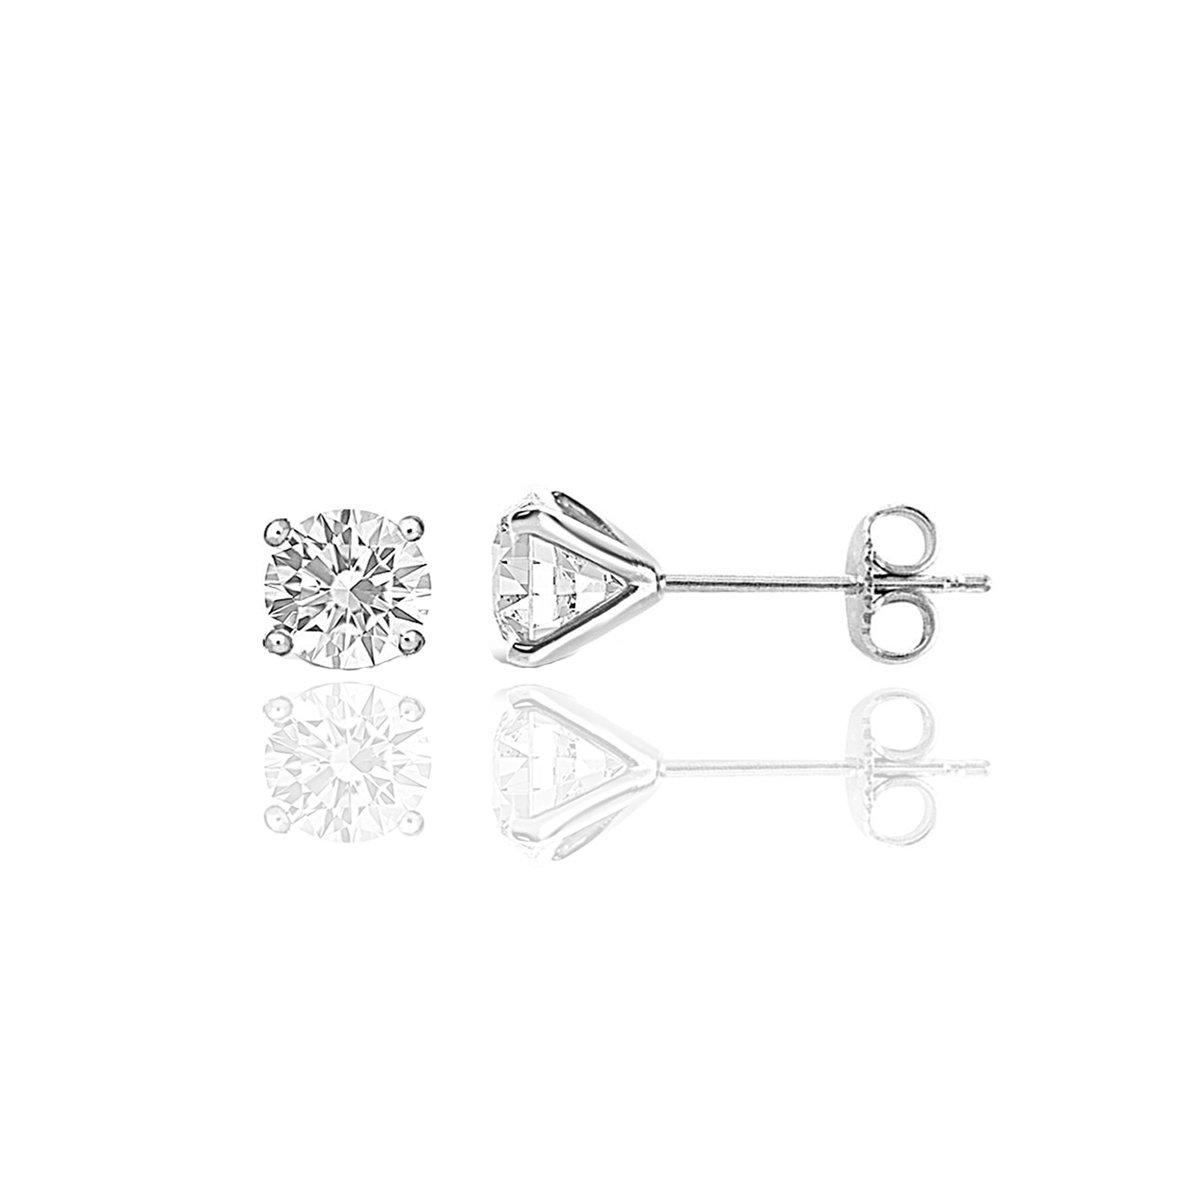 1 CT TW Diamond Studs